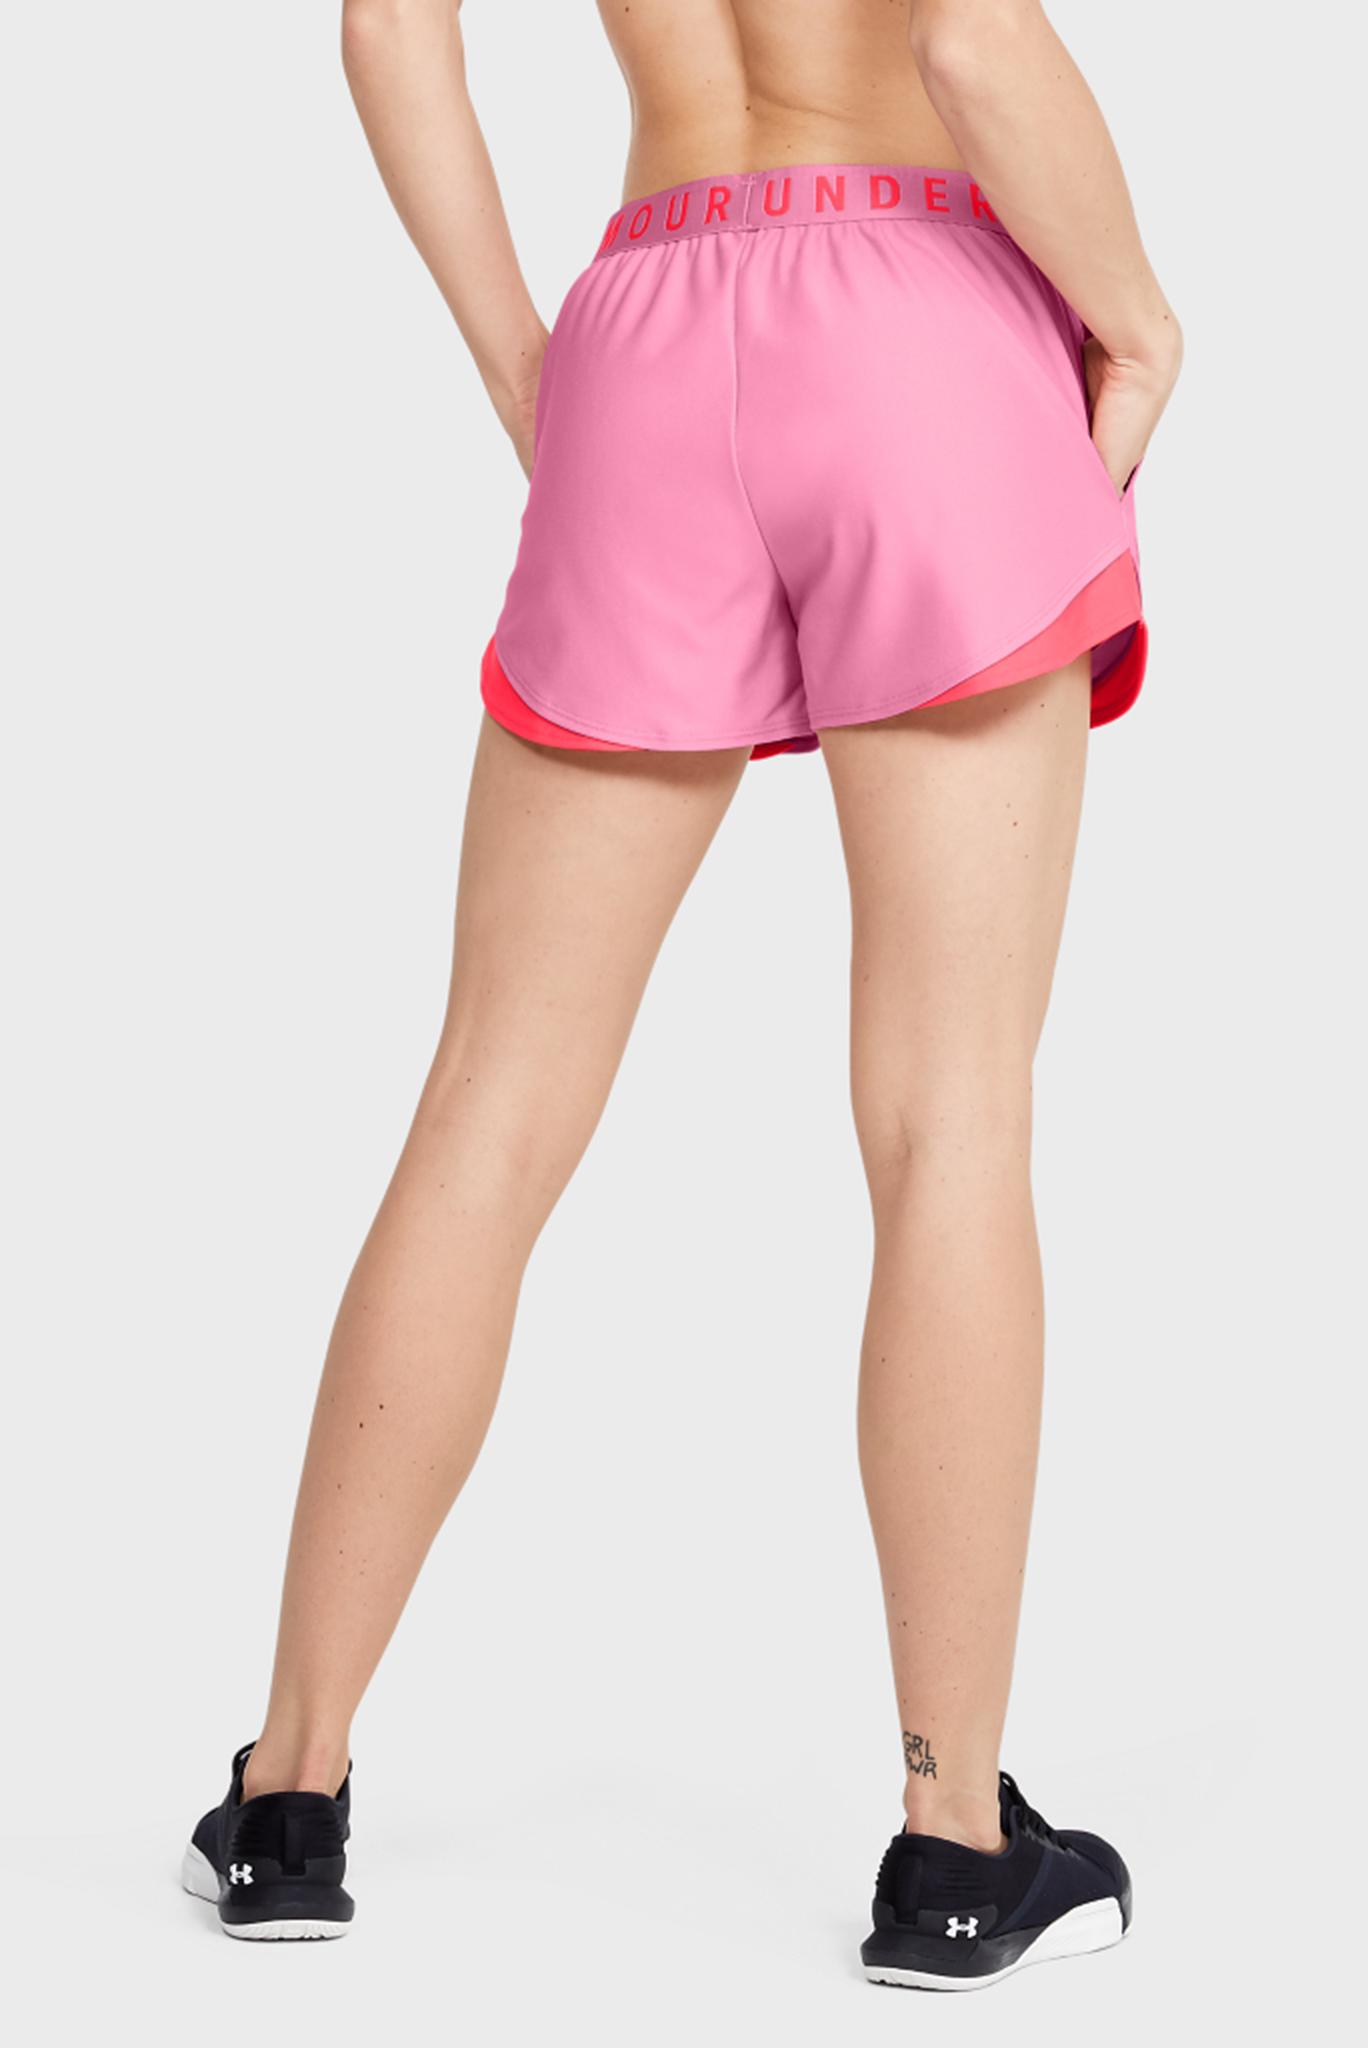 Женские розовые спортивные шорты Play Up Short 3.0 Under Armour